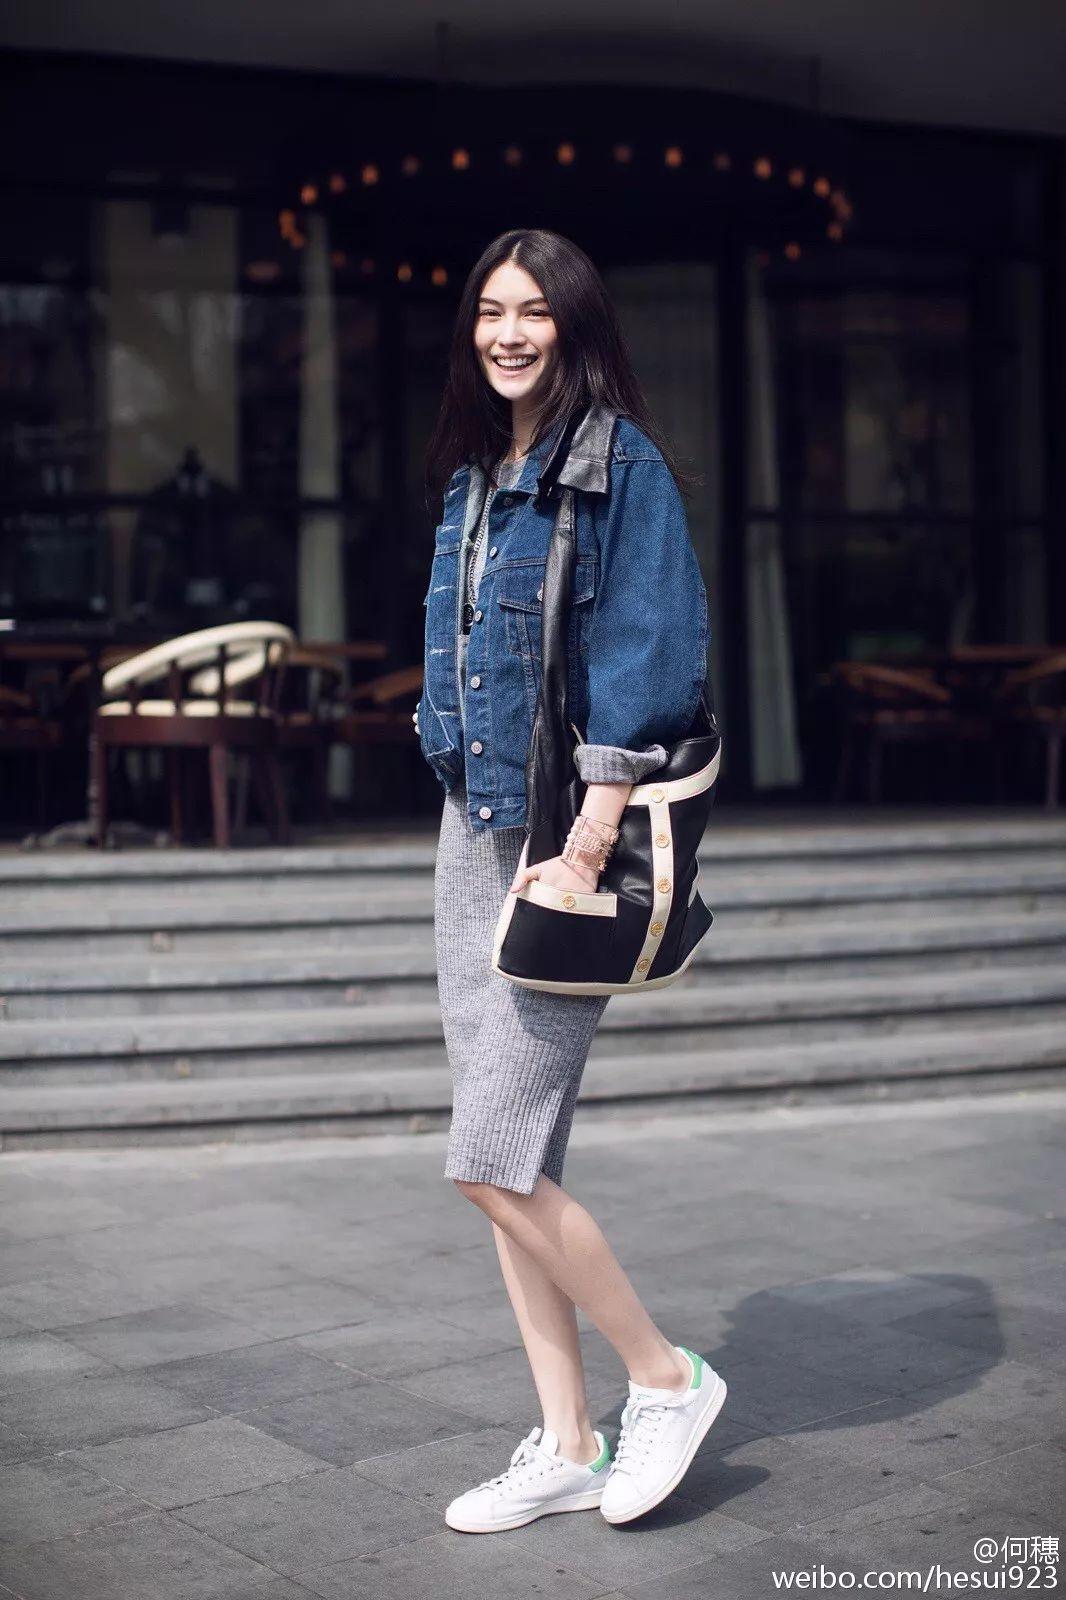 维密亲闺女何穗用牛仔外套搭配针织裙,早春的季节温暖的刚刚好.